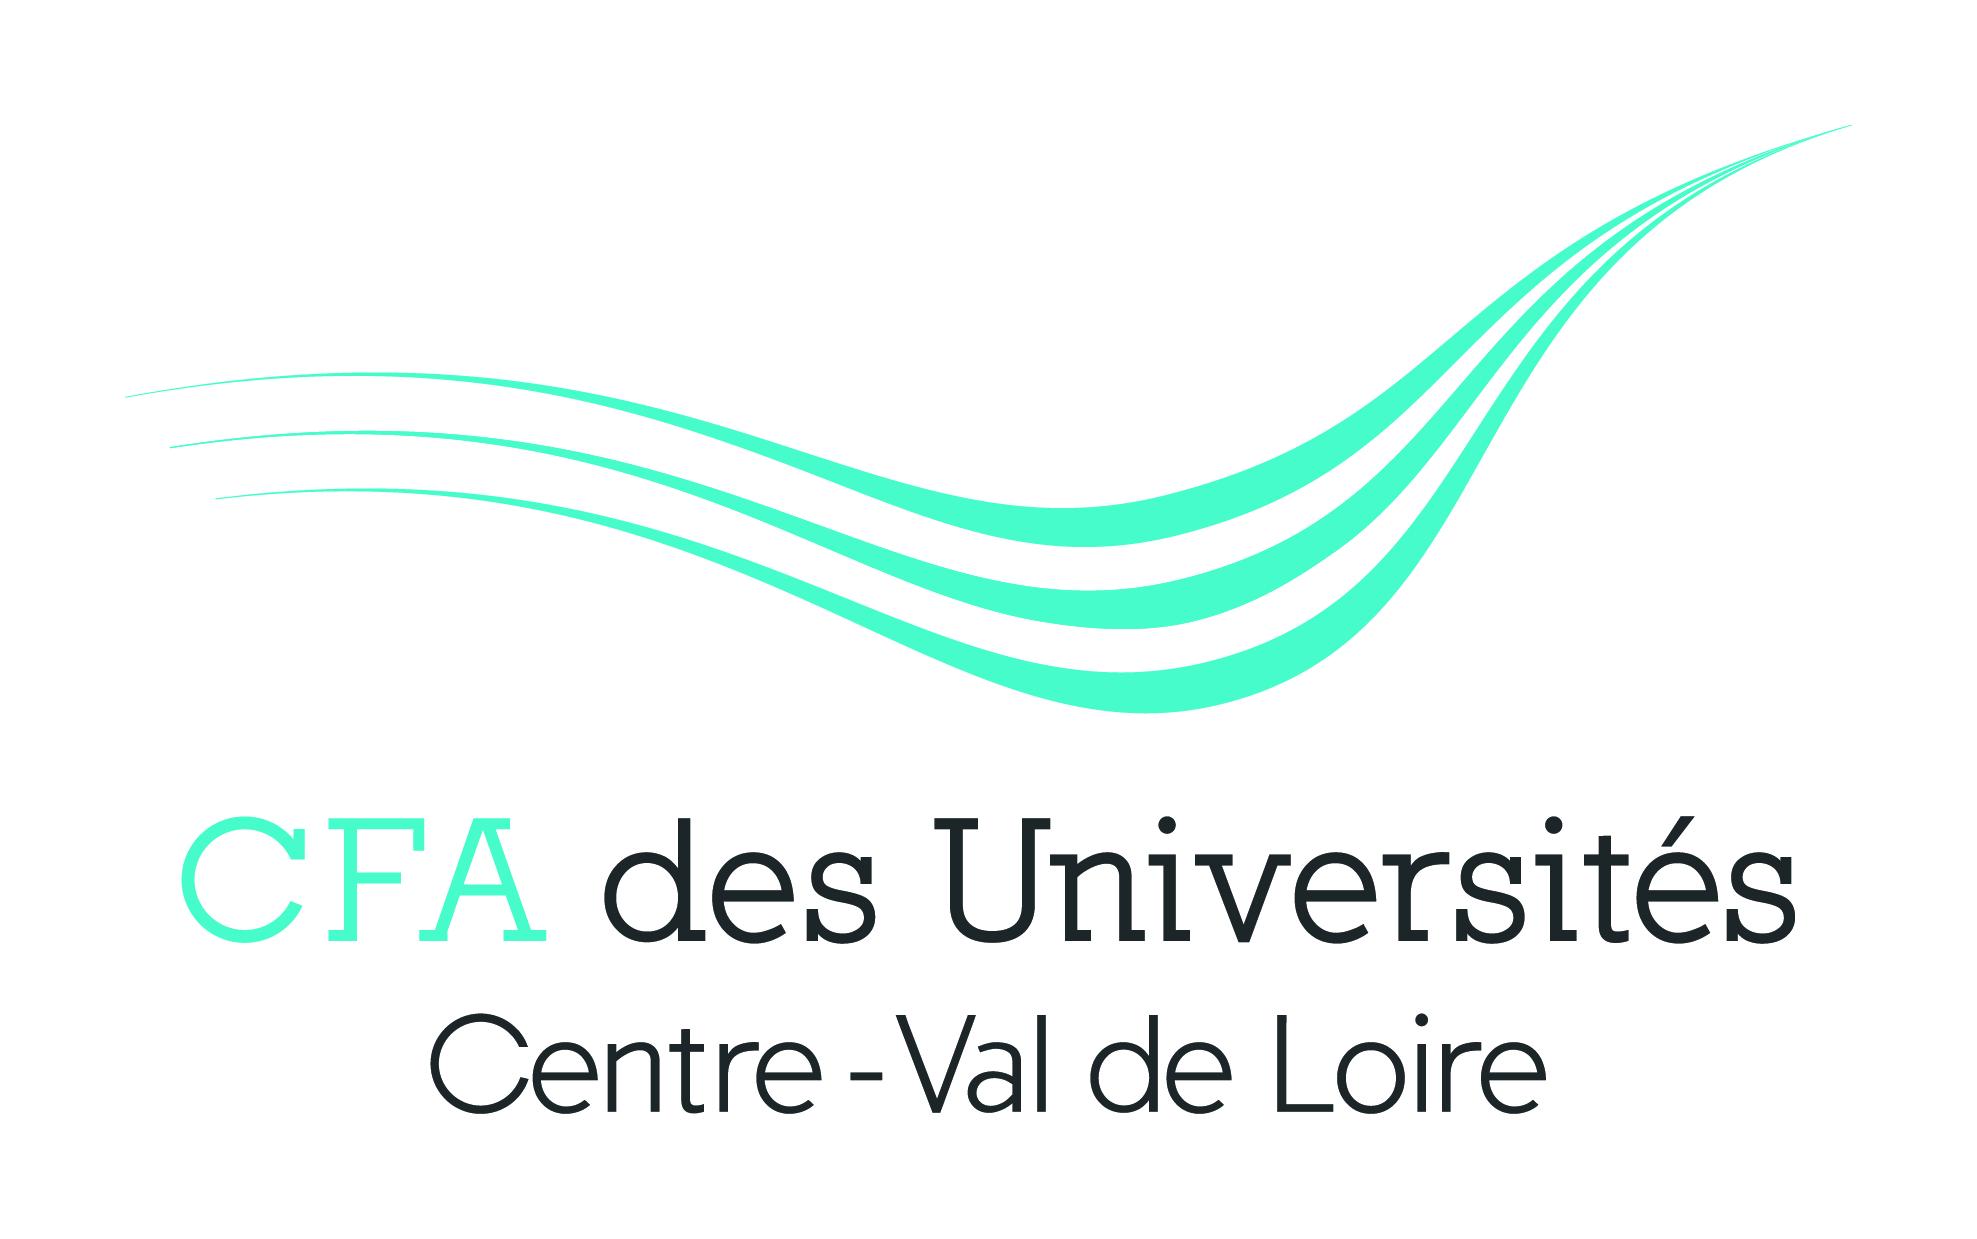 CFA DES UNIVERSITE - Anciennement CFAIURC